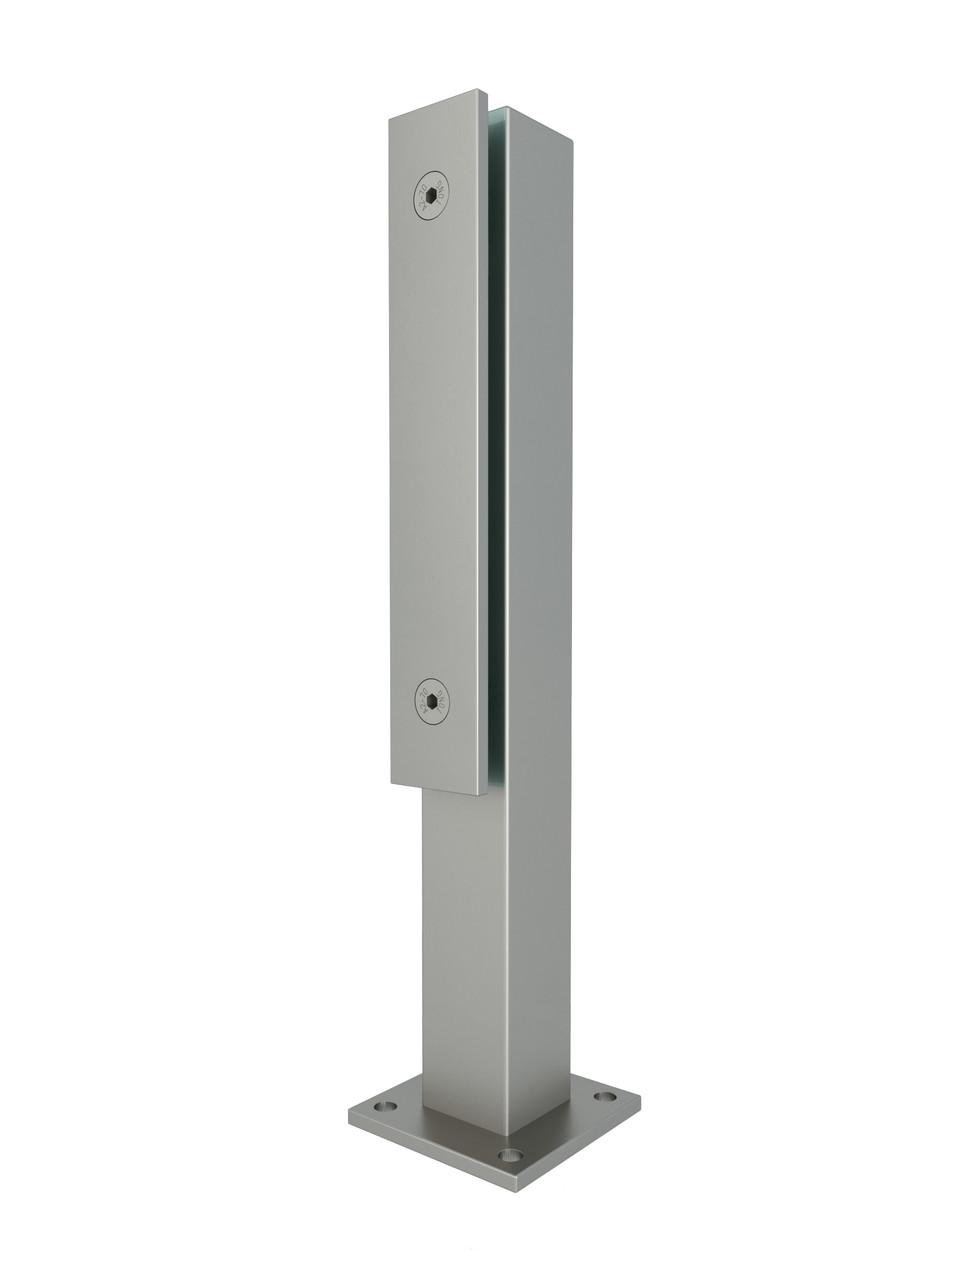 ODF-02-22-01-H360 Стійка для скляних огорож та поручнів з нержавіючої сталі з притискною пластиною, матова